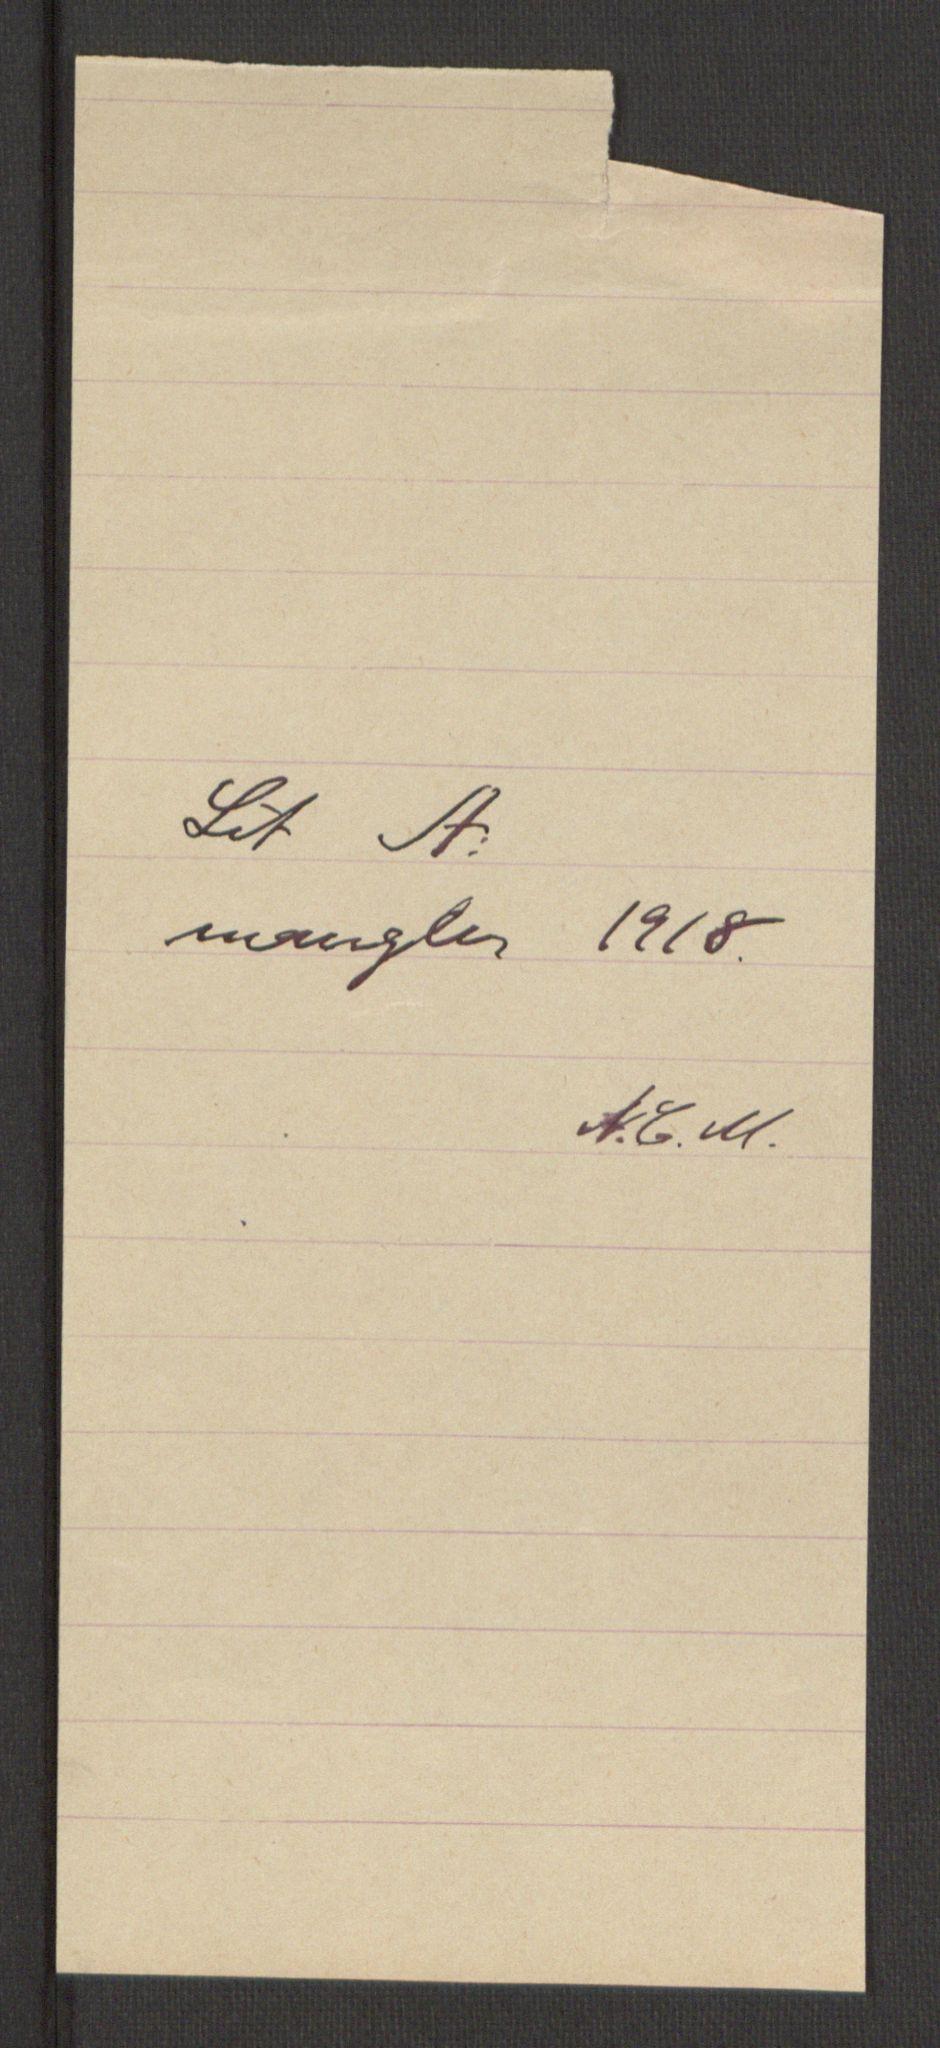 RA, Rentekammeret inntil 1814, Reviderte regnskaper, Fogderegnskap, R64/L4424: Fogderegnskap Namdal, 1692-1695, s. 459